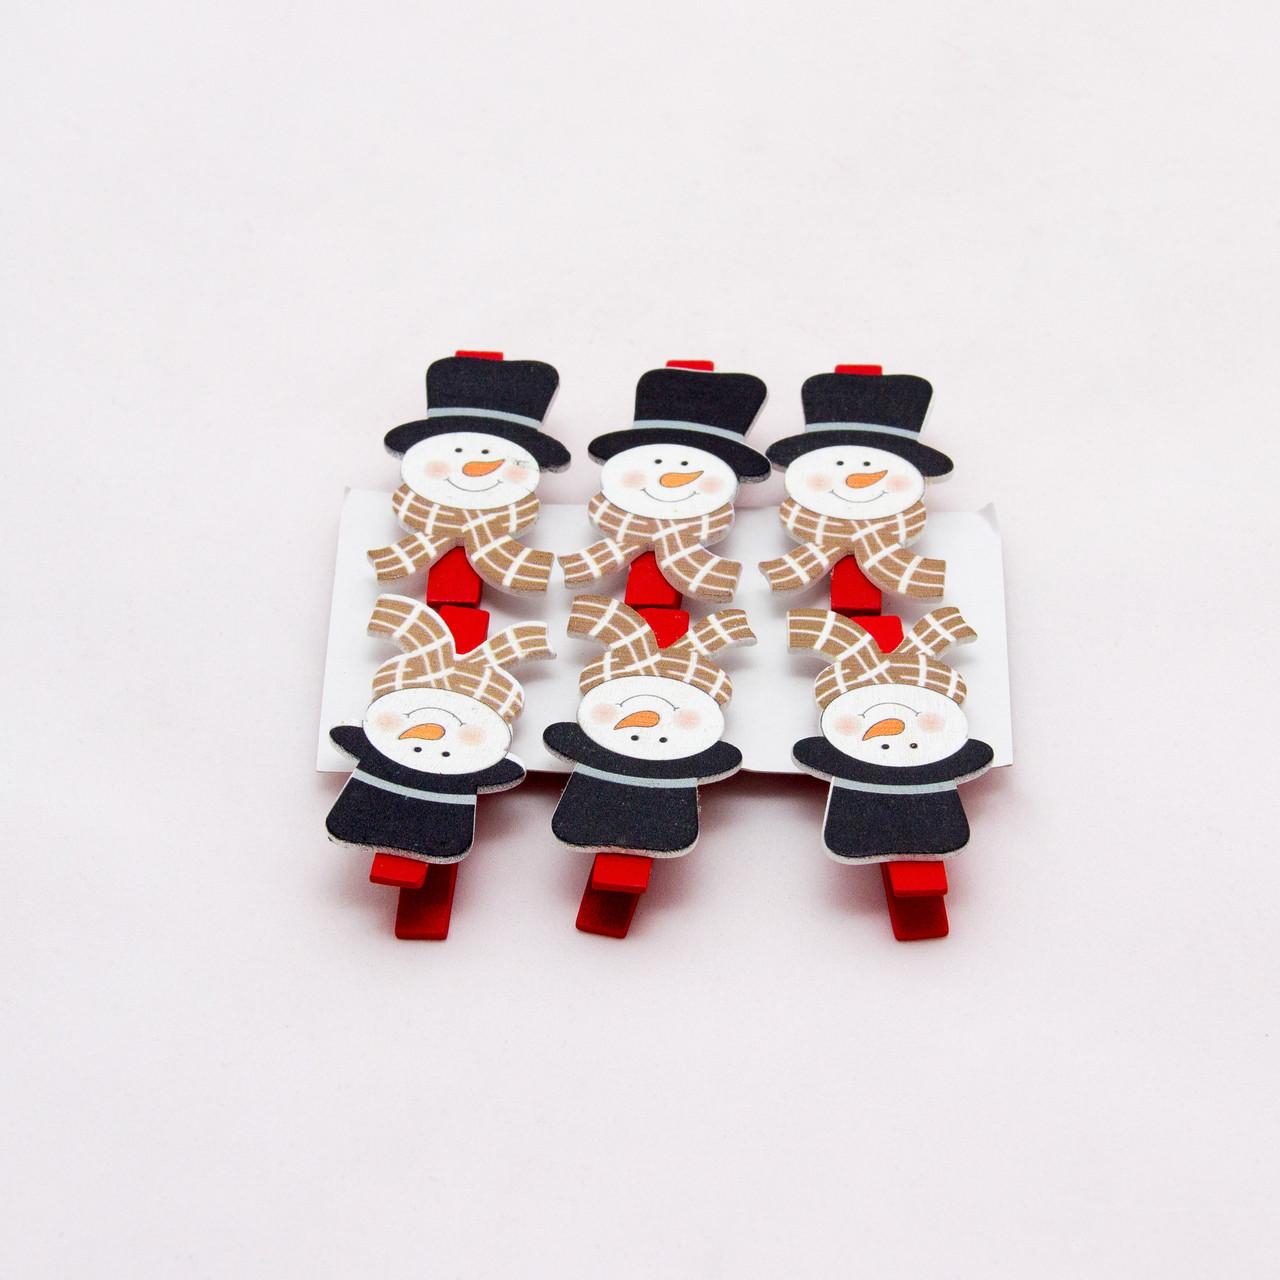 Набор елочных игрушек - прищепки Снеговики, 6 шт, 11*15 см, разноцветный, дерево (060948)